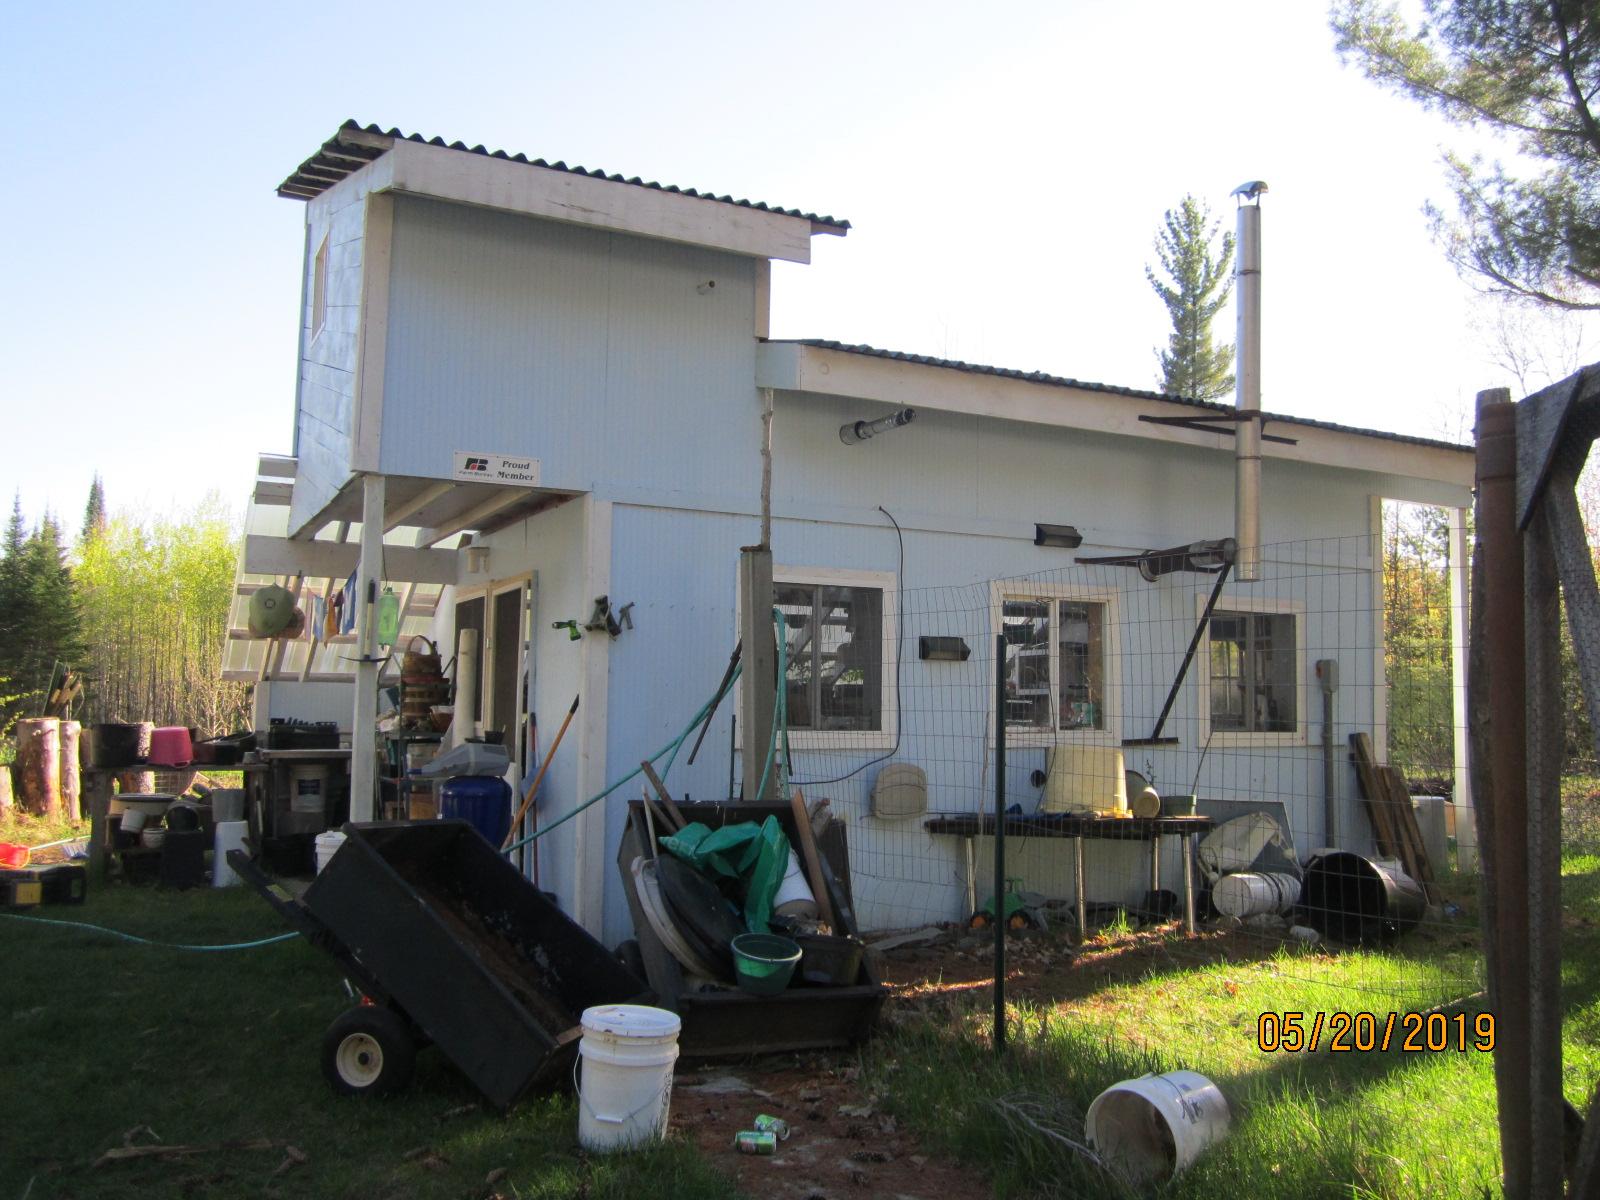 Floodwood River greenhouse-summer kitchen-sugar shack-hunting stand back.JPG